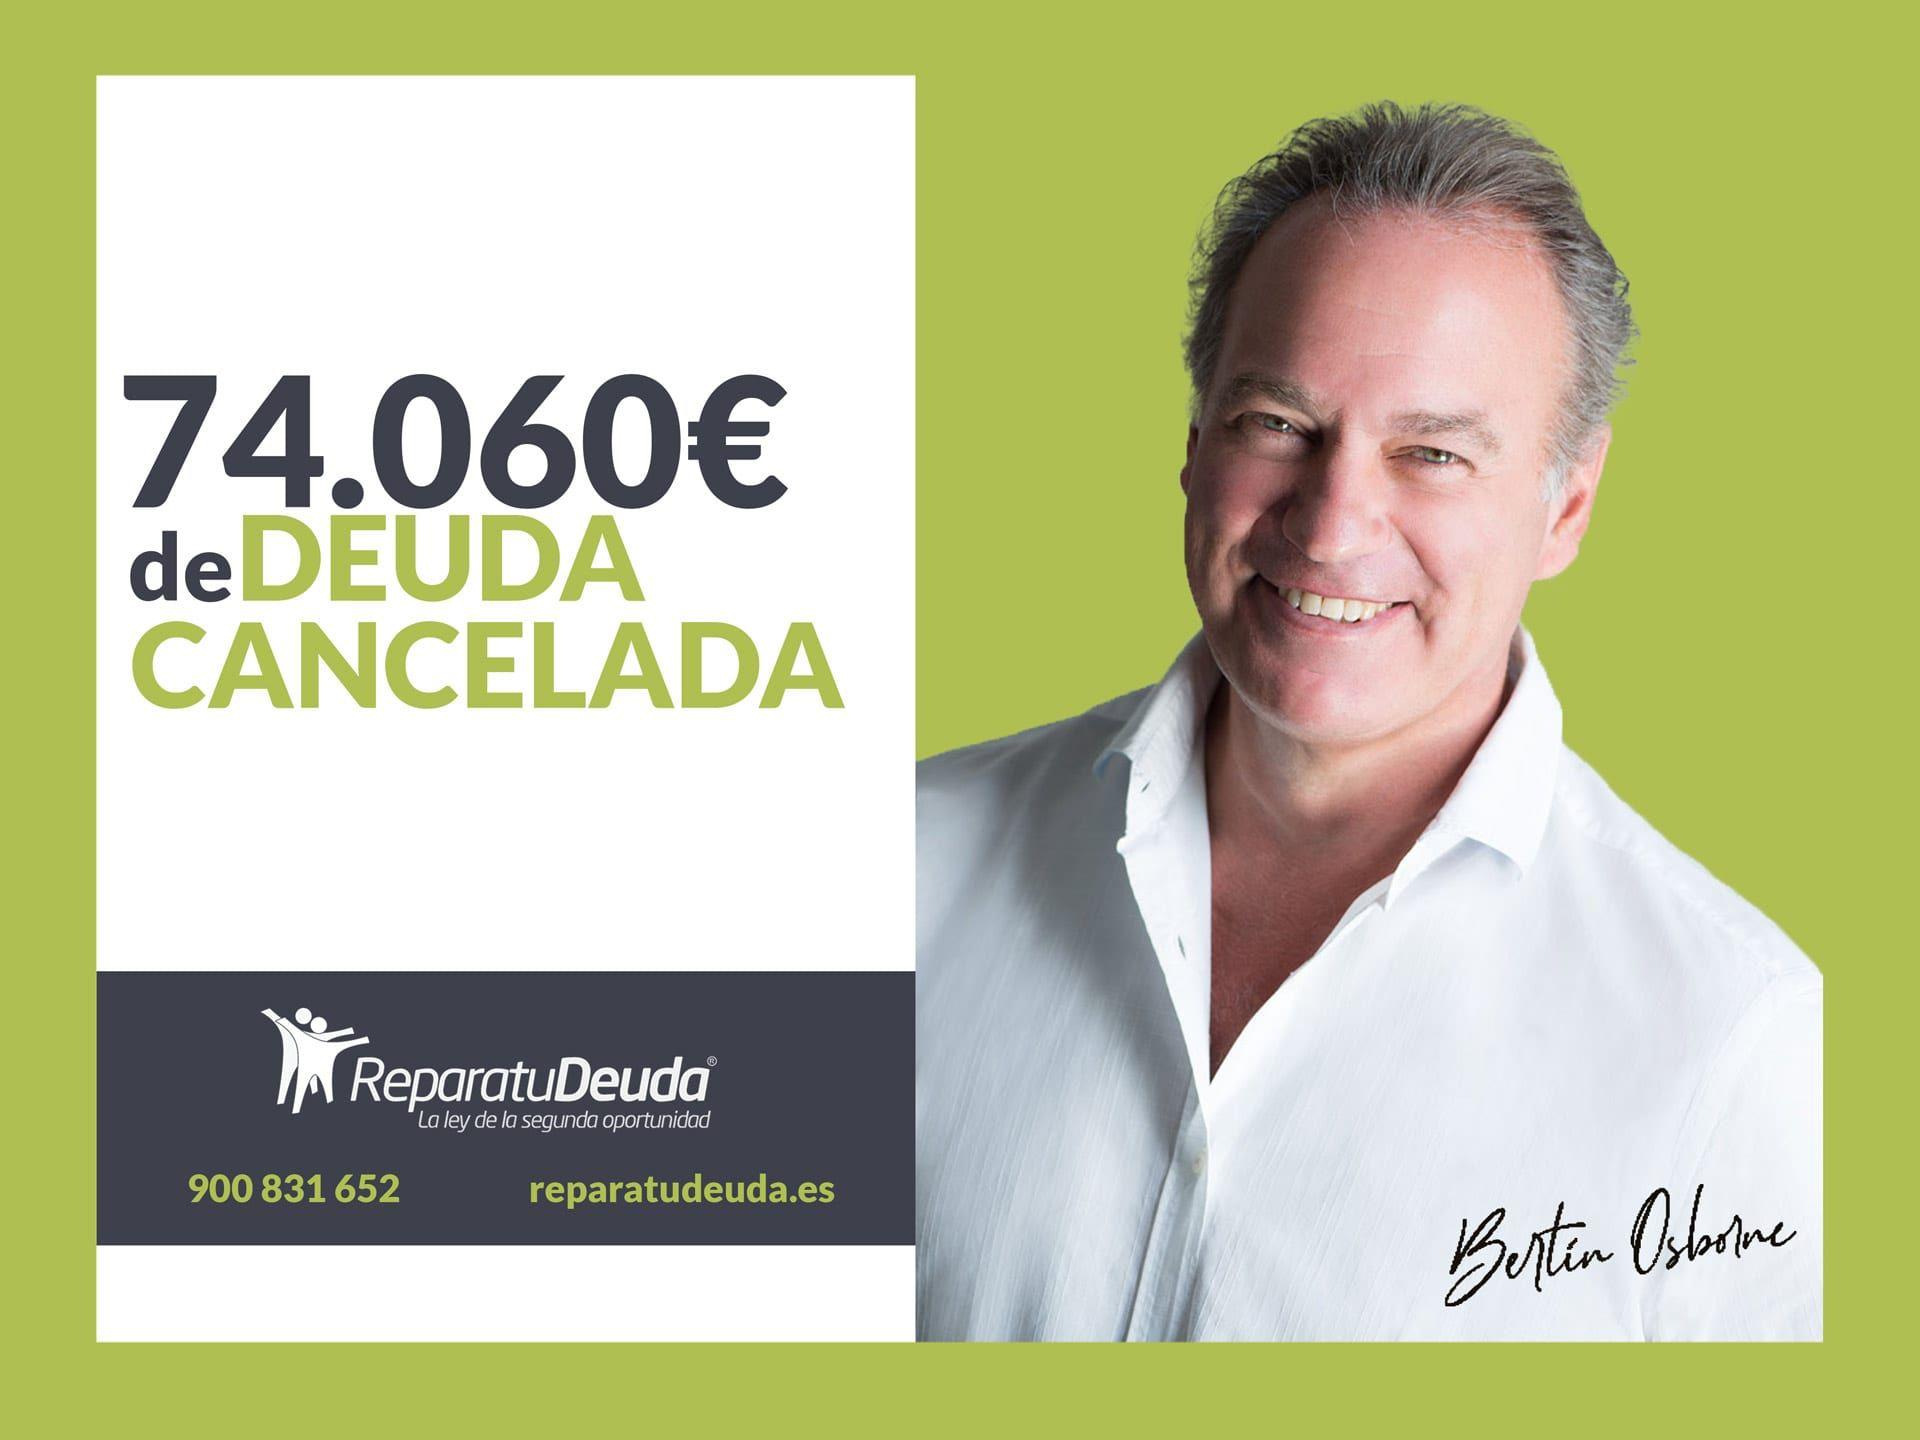 Repara tu Deuda cancela 74.060 ? con avalistas en Terrassa (Barcelona) con la Ley de Segunda Oportunidad